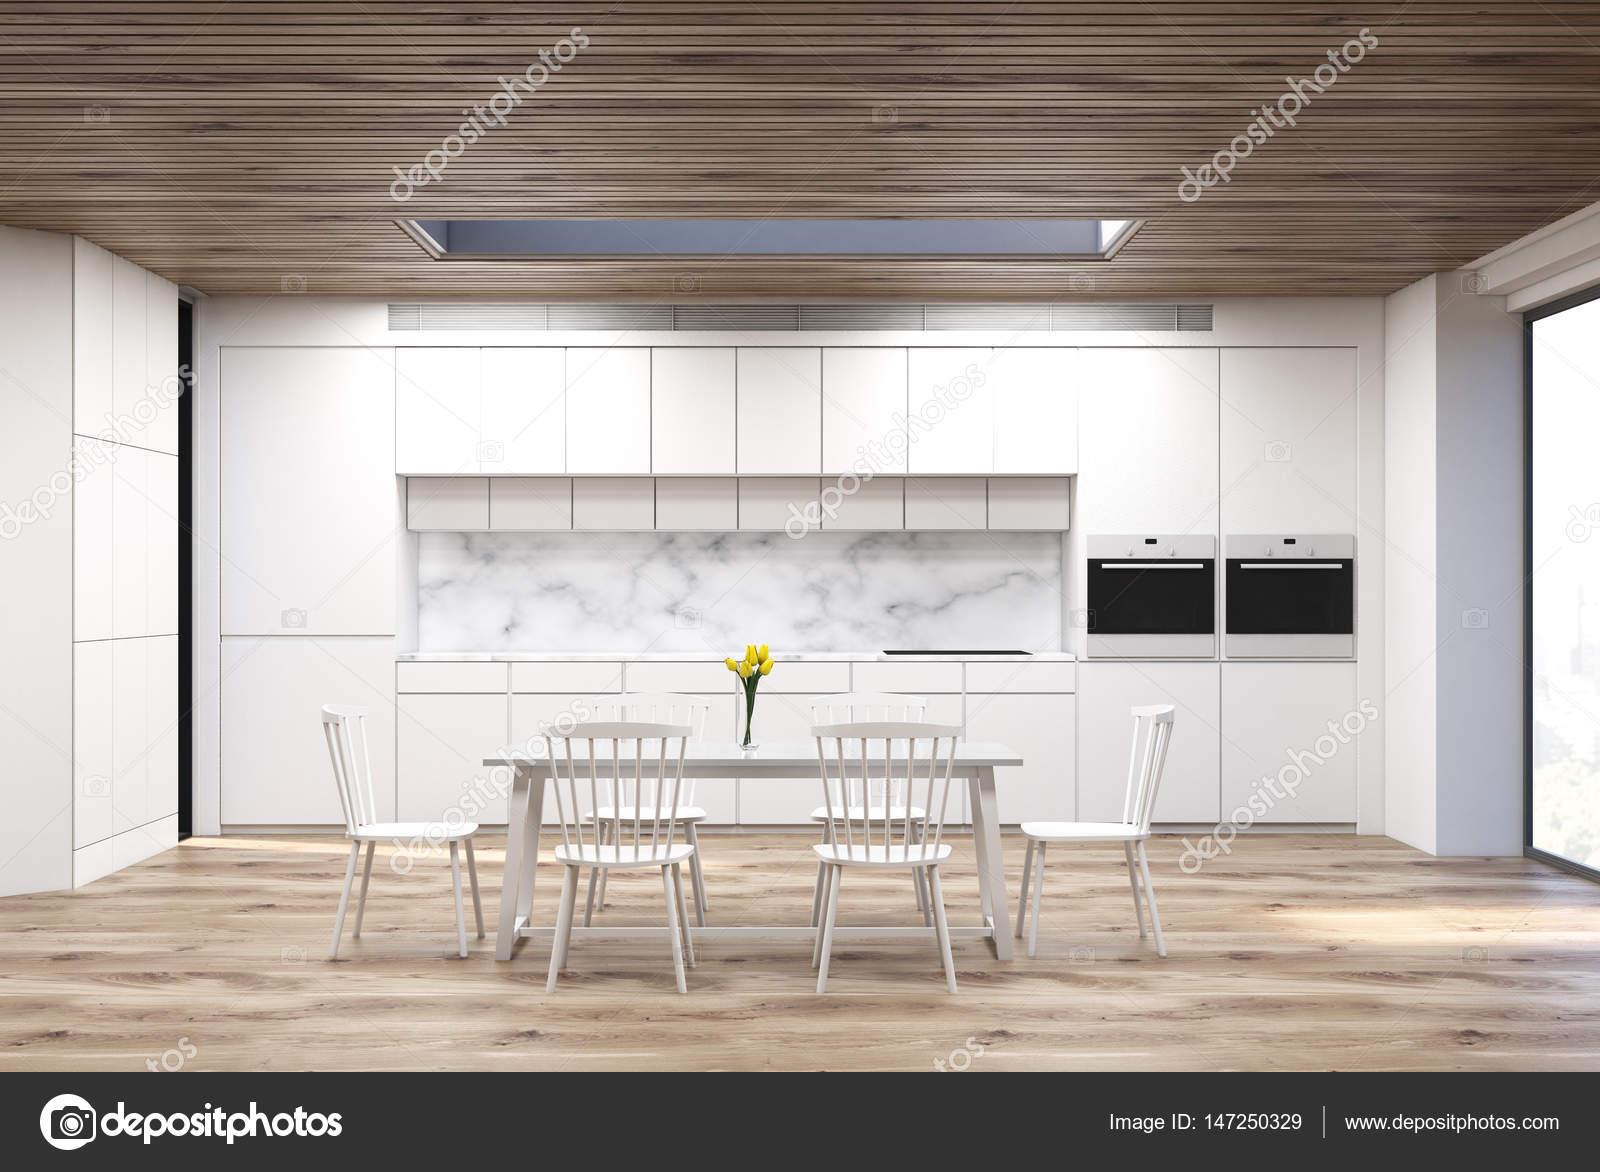 Stół W Kuchni Marmuru Zdjęcie Stockowe Denisismagilov